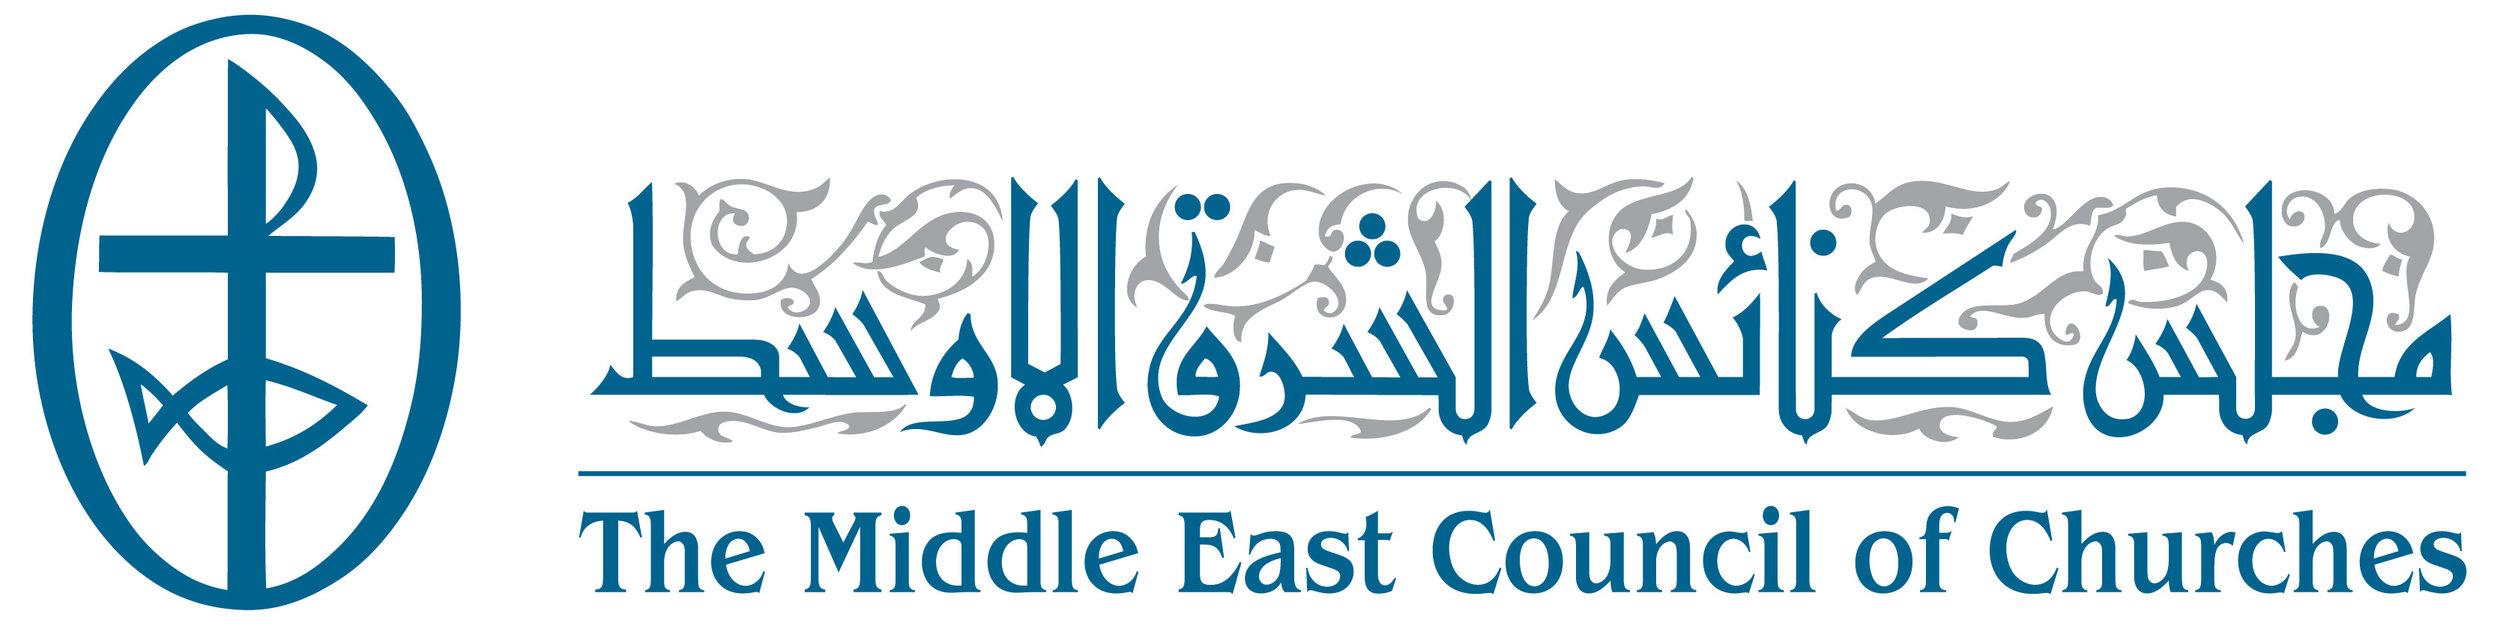 MECC Logo.jpg